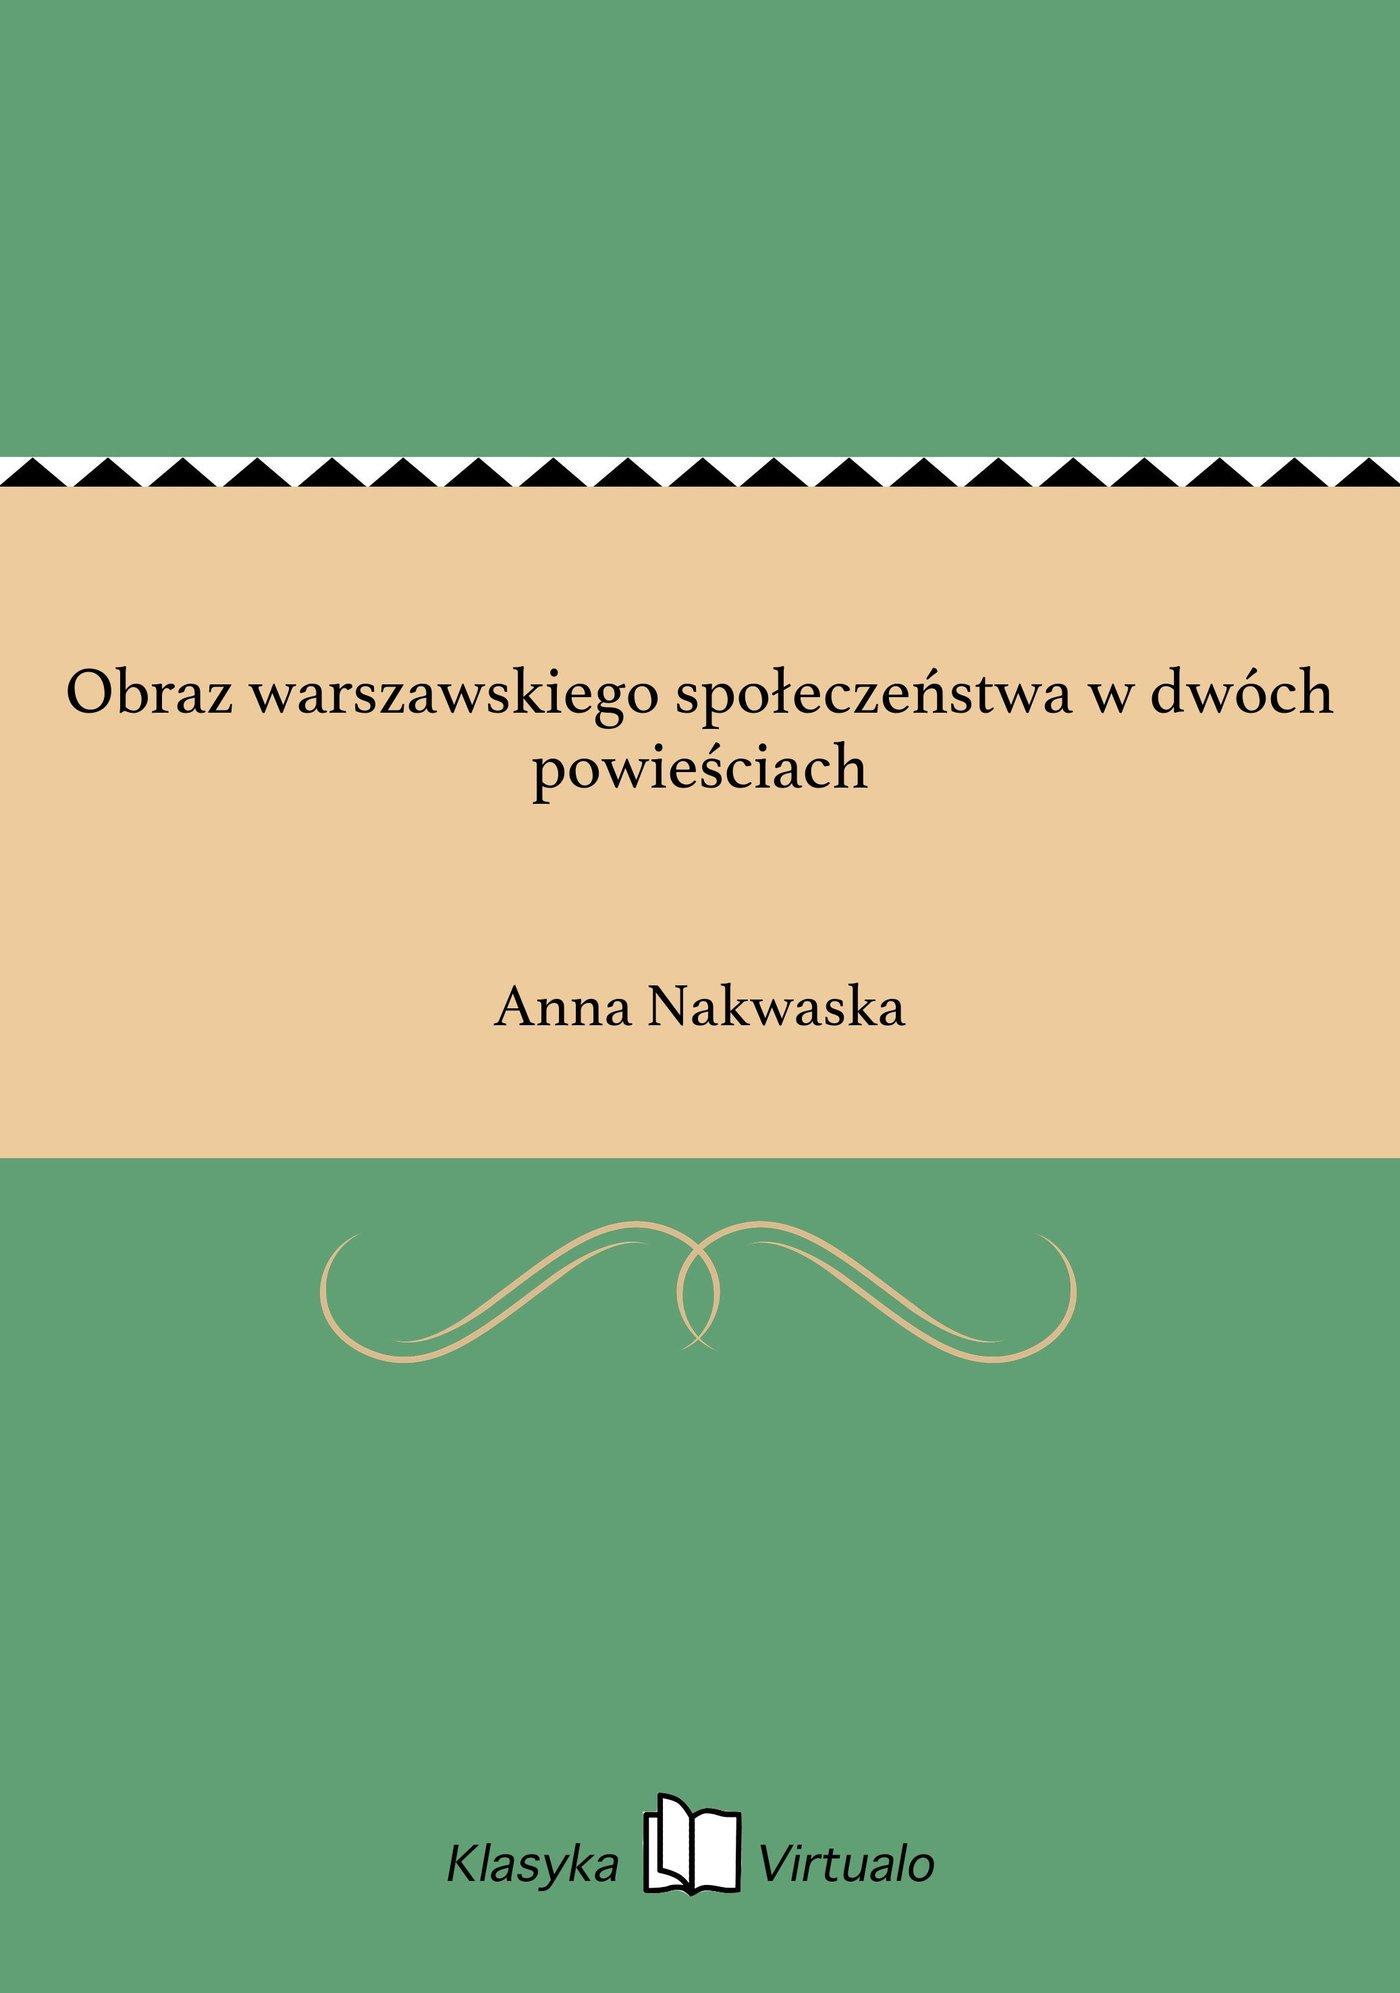 Obraz warszawskiego społeczeństwa w dwóch powieściach - Ebook (Książka EPUB) do pobrania w formacie EPUB